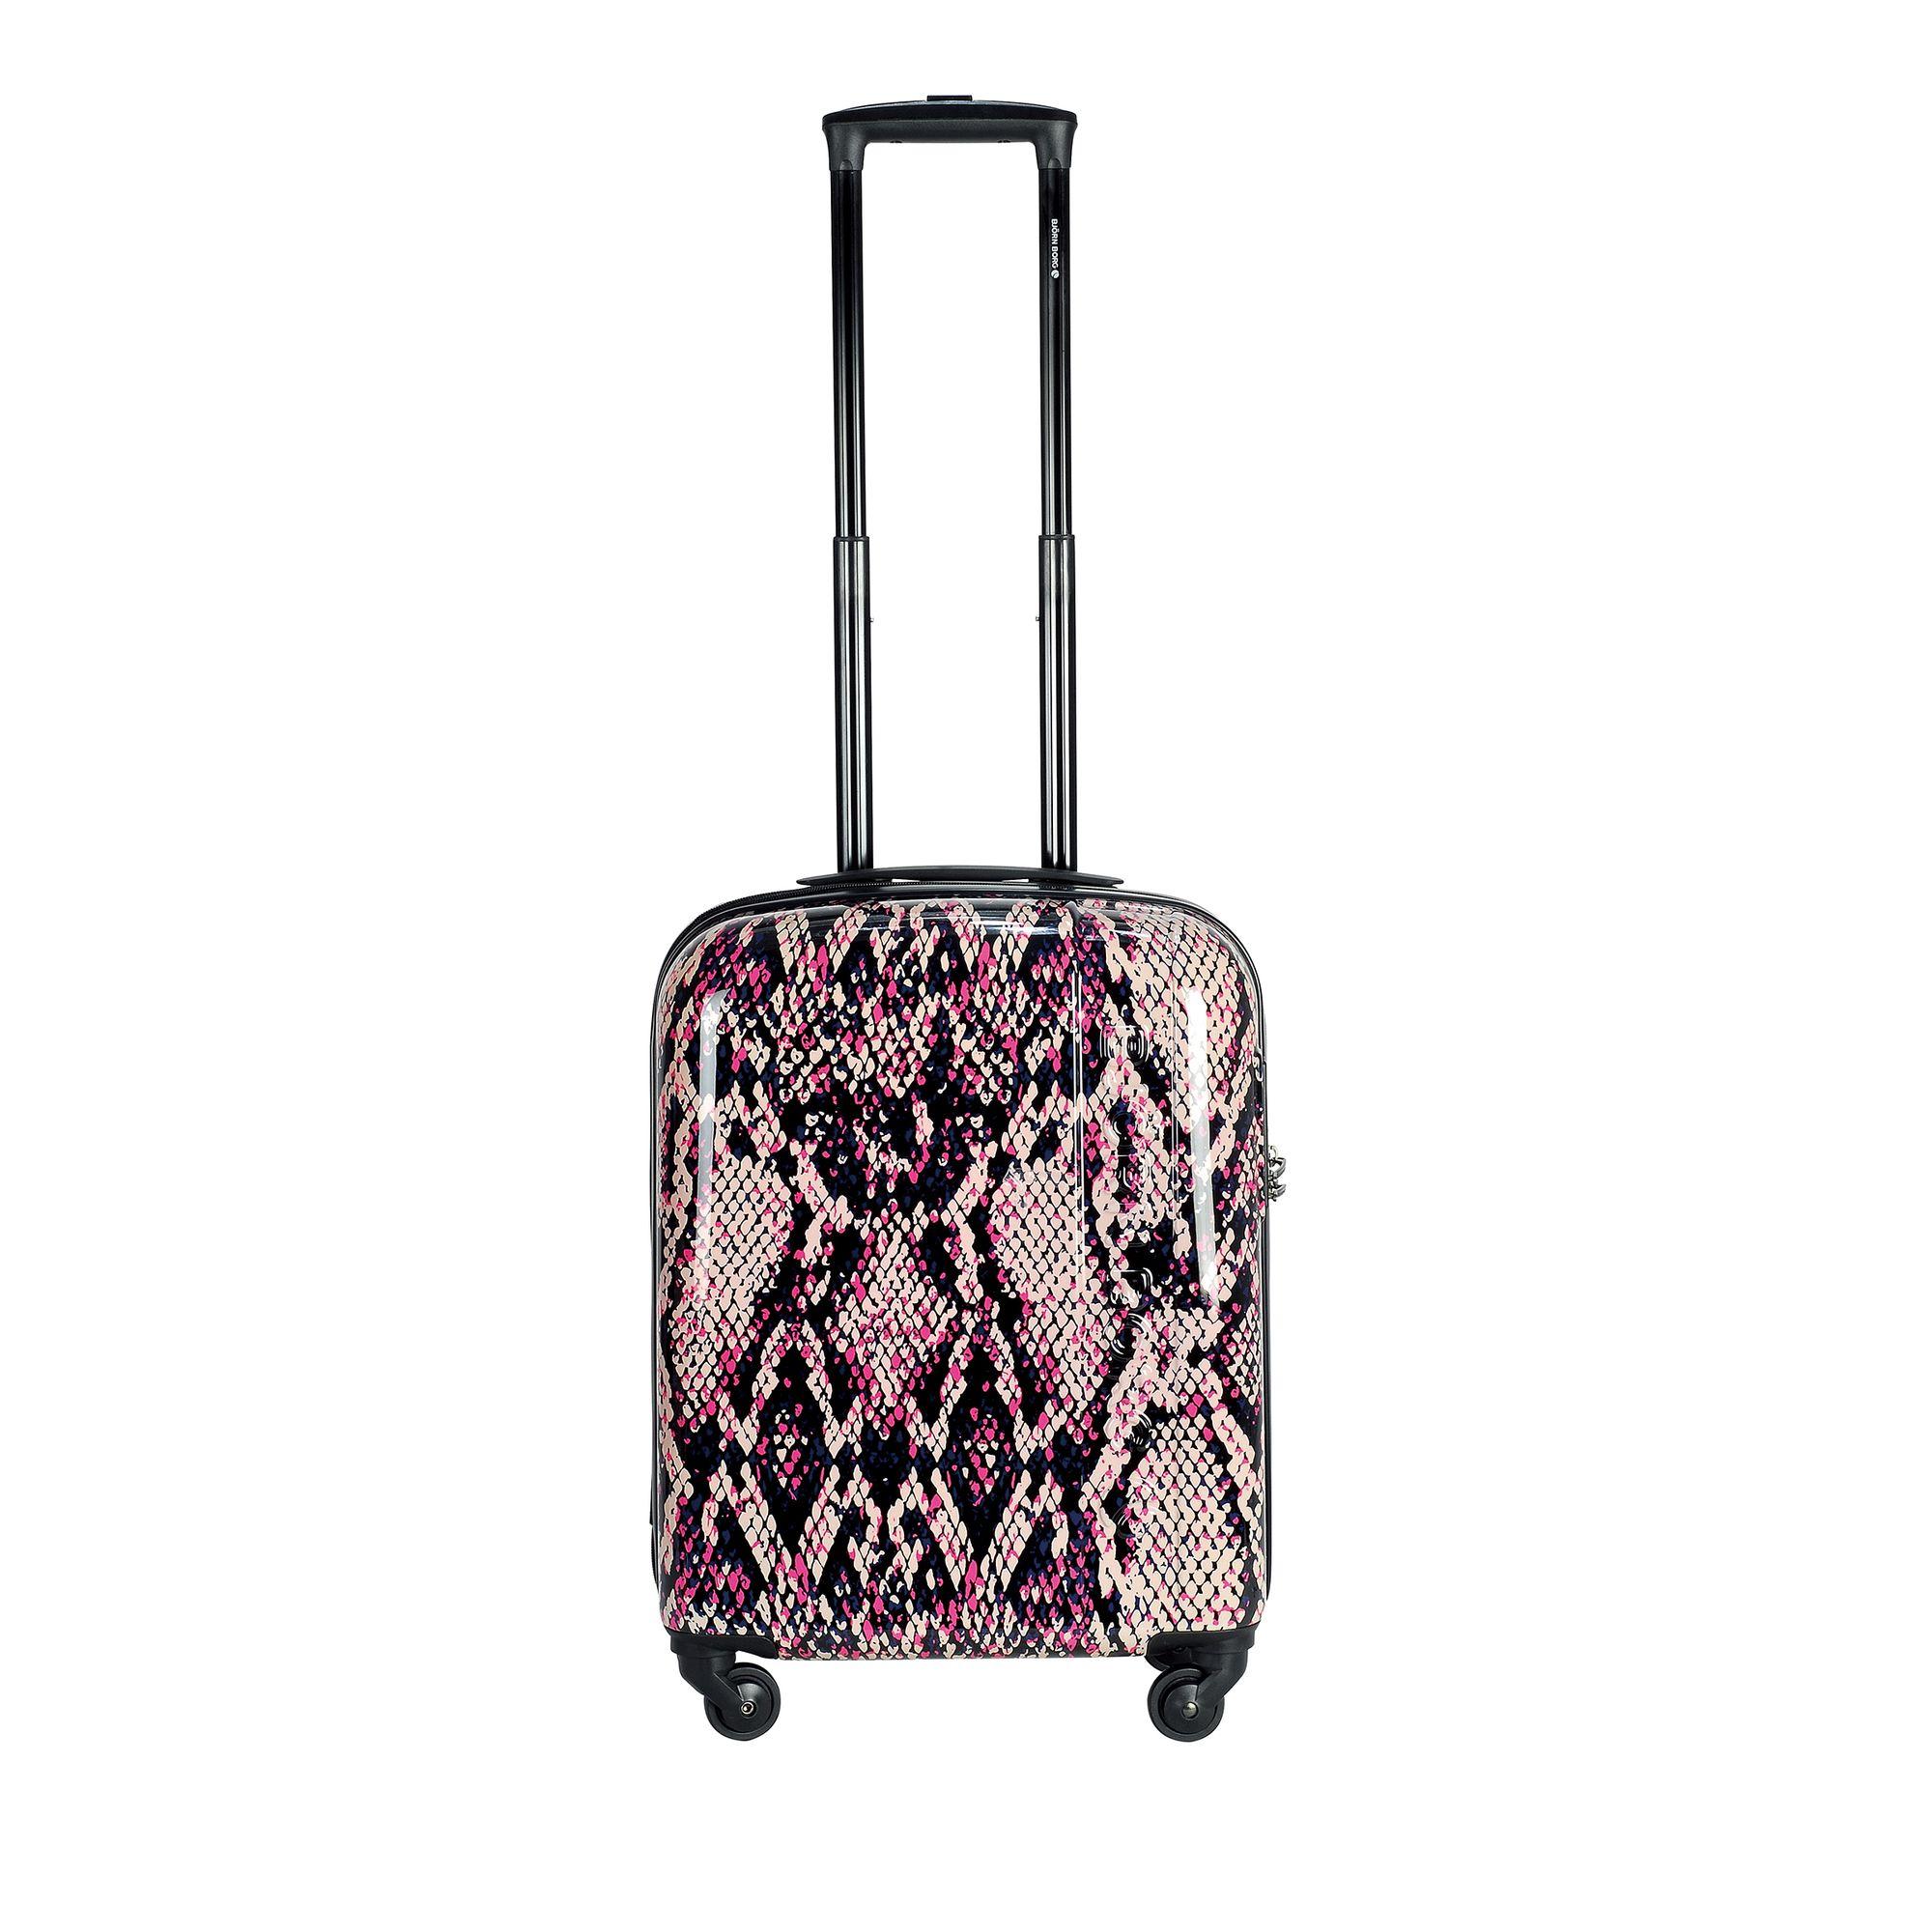 Björn Borg Hot Solid resväska med 4 hjul, 55/65/78 cm, Rosa med mönster, 55cm